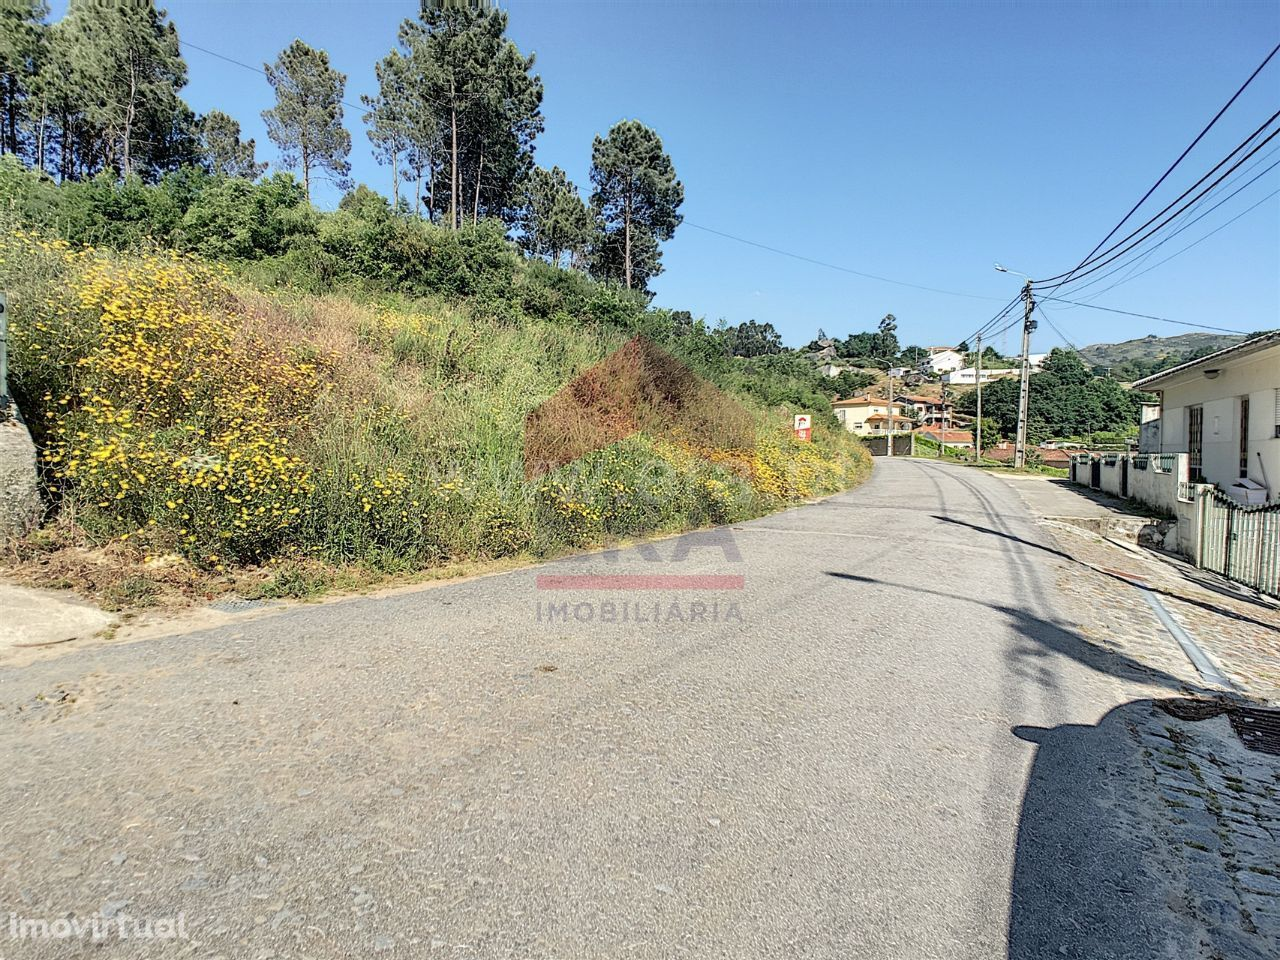 Terreno para construção com 4.470 m2 em Antime